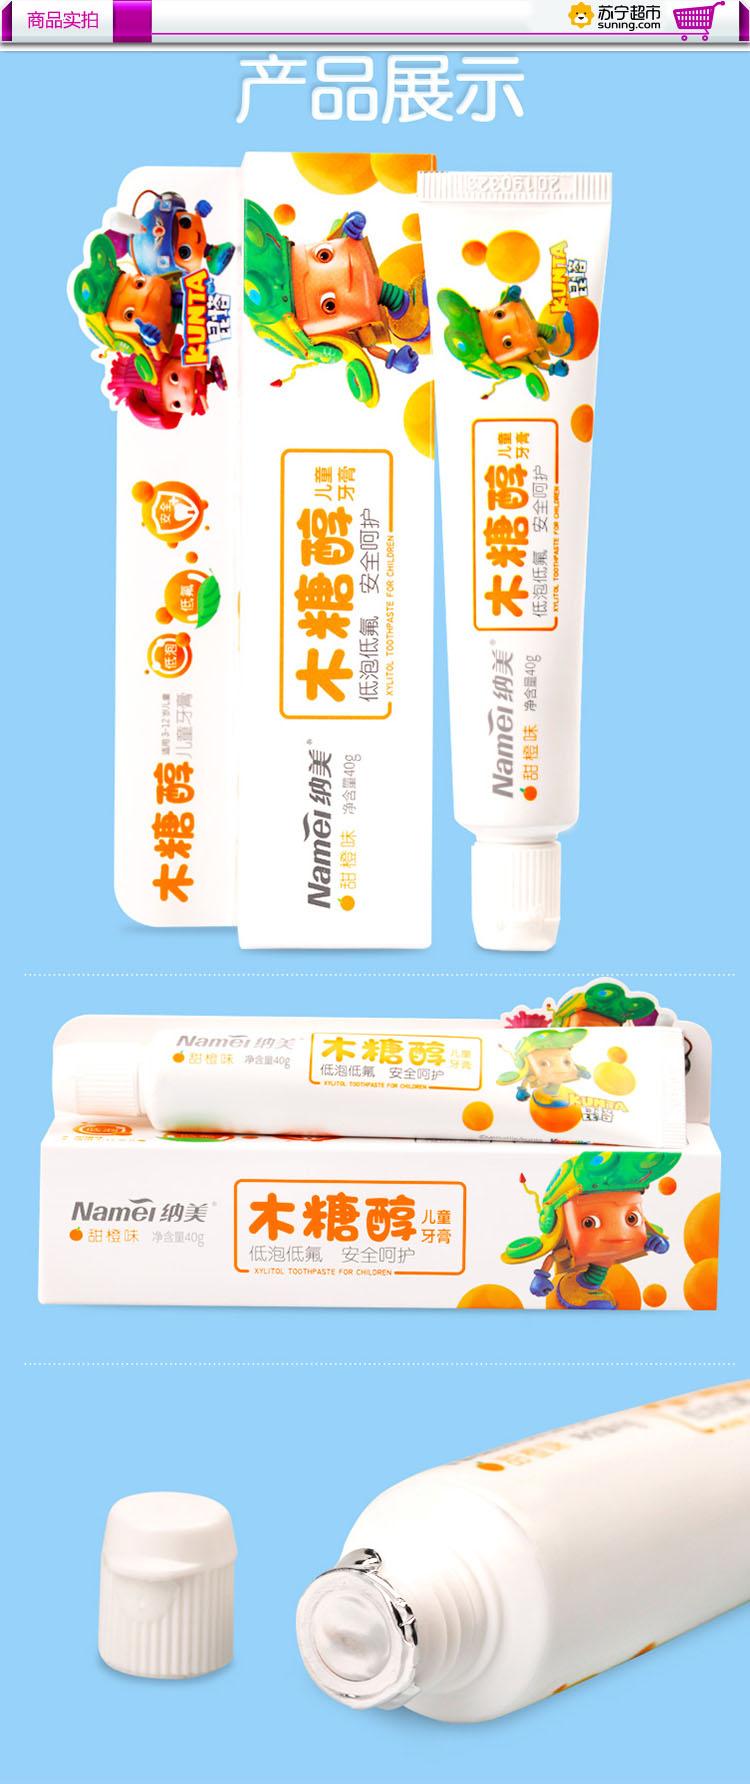 【苏宁专供】【苏宁超市】Namei 纳美 木糖醇儿童牙膏 甜橙味40g